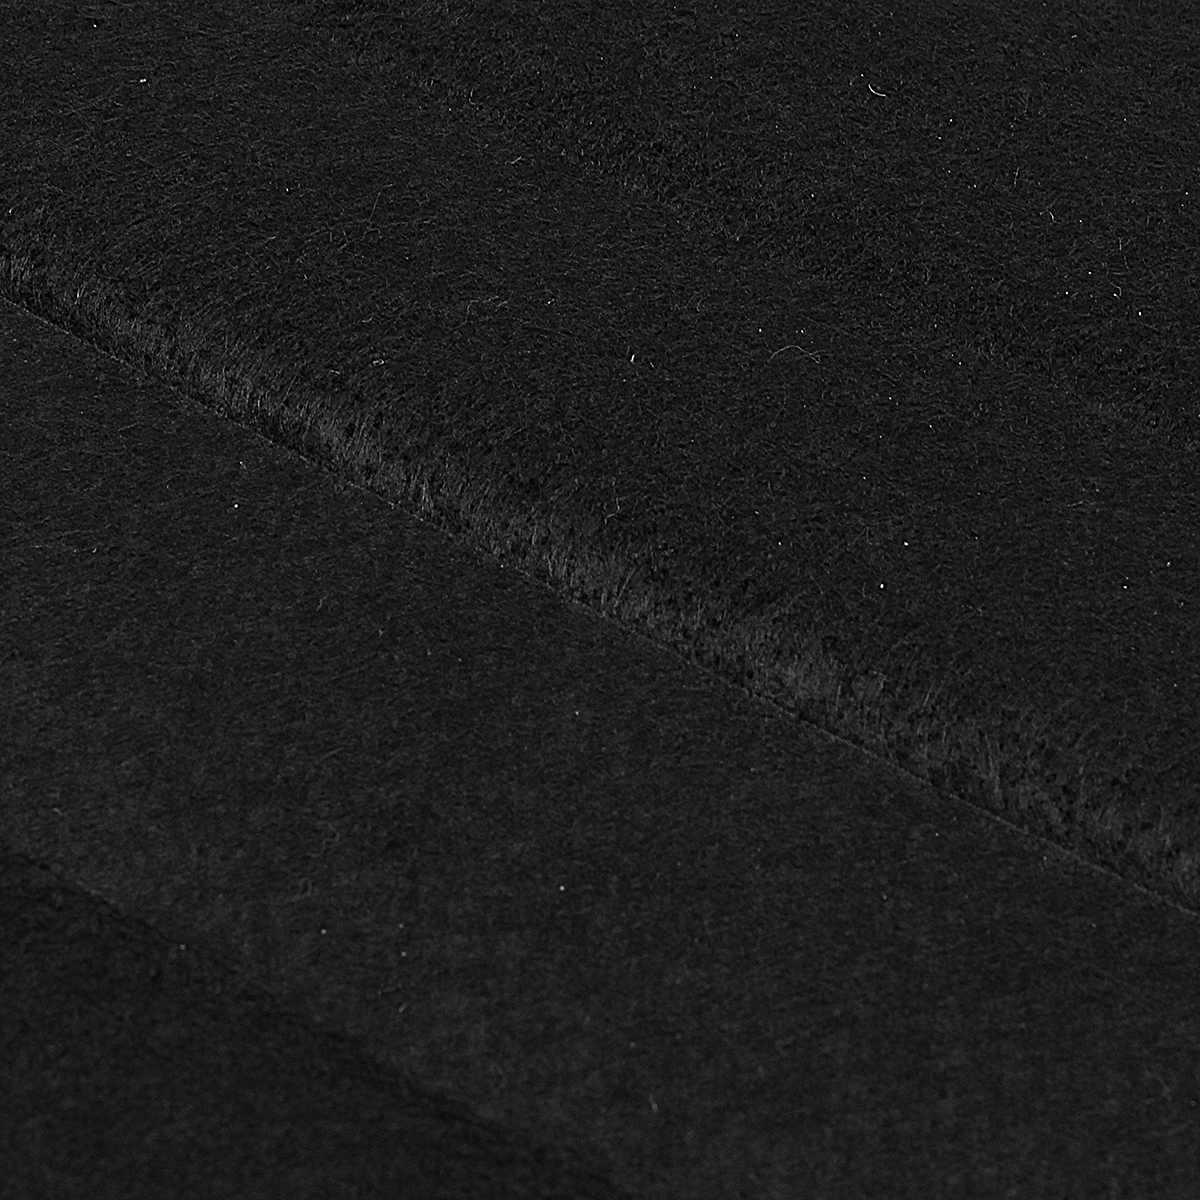 Moteur de capot de tapis d'insonorisation de voiture insonorisant d'isolation de bruit de chaleur pour BMWE90 E91 E92 E93 323i 325i 51487059260 - 6